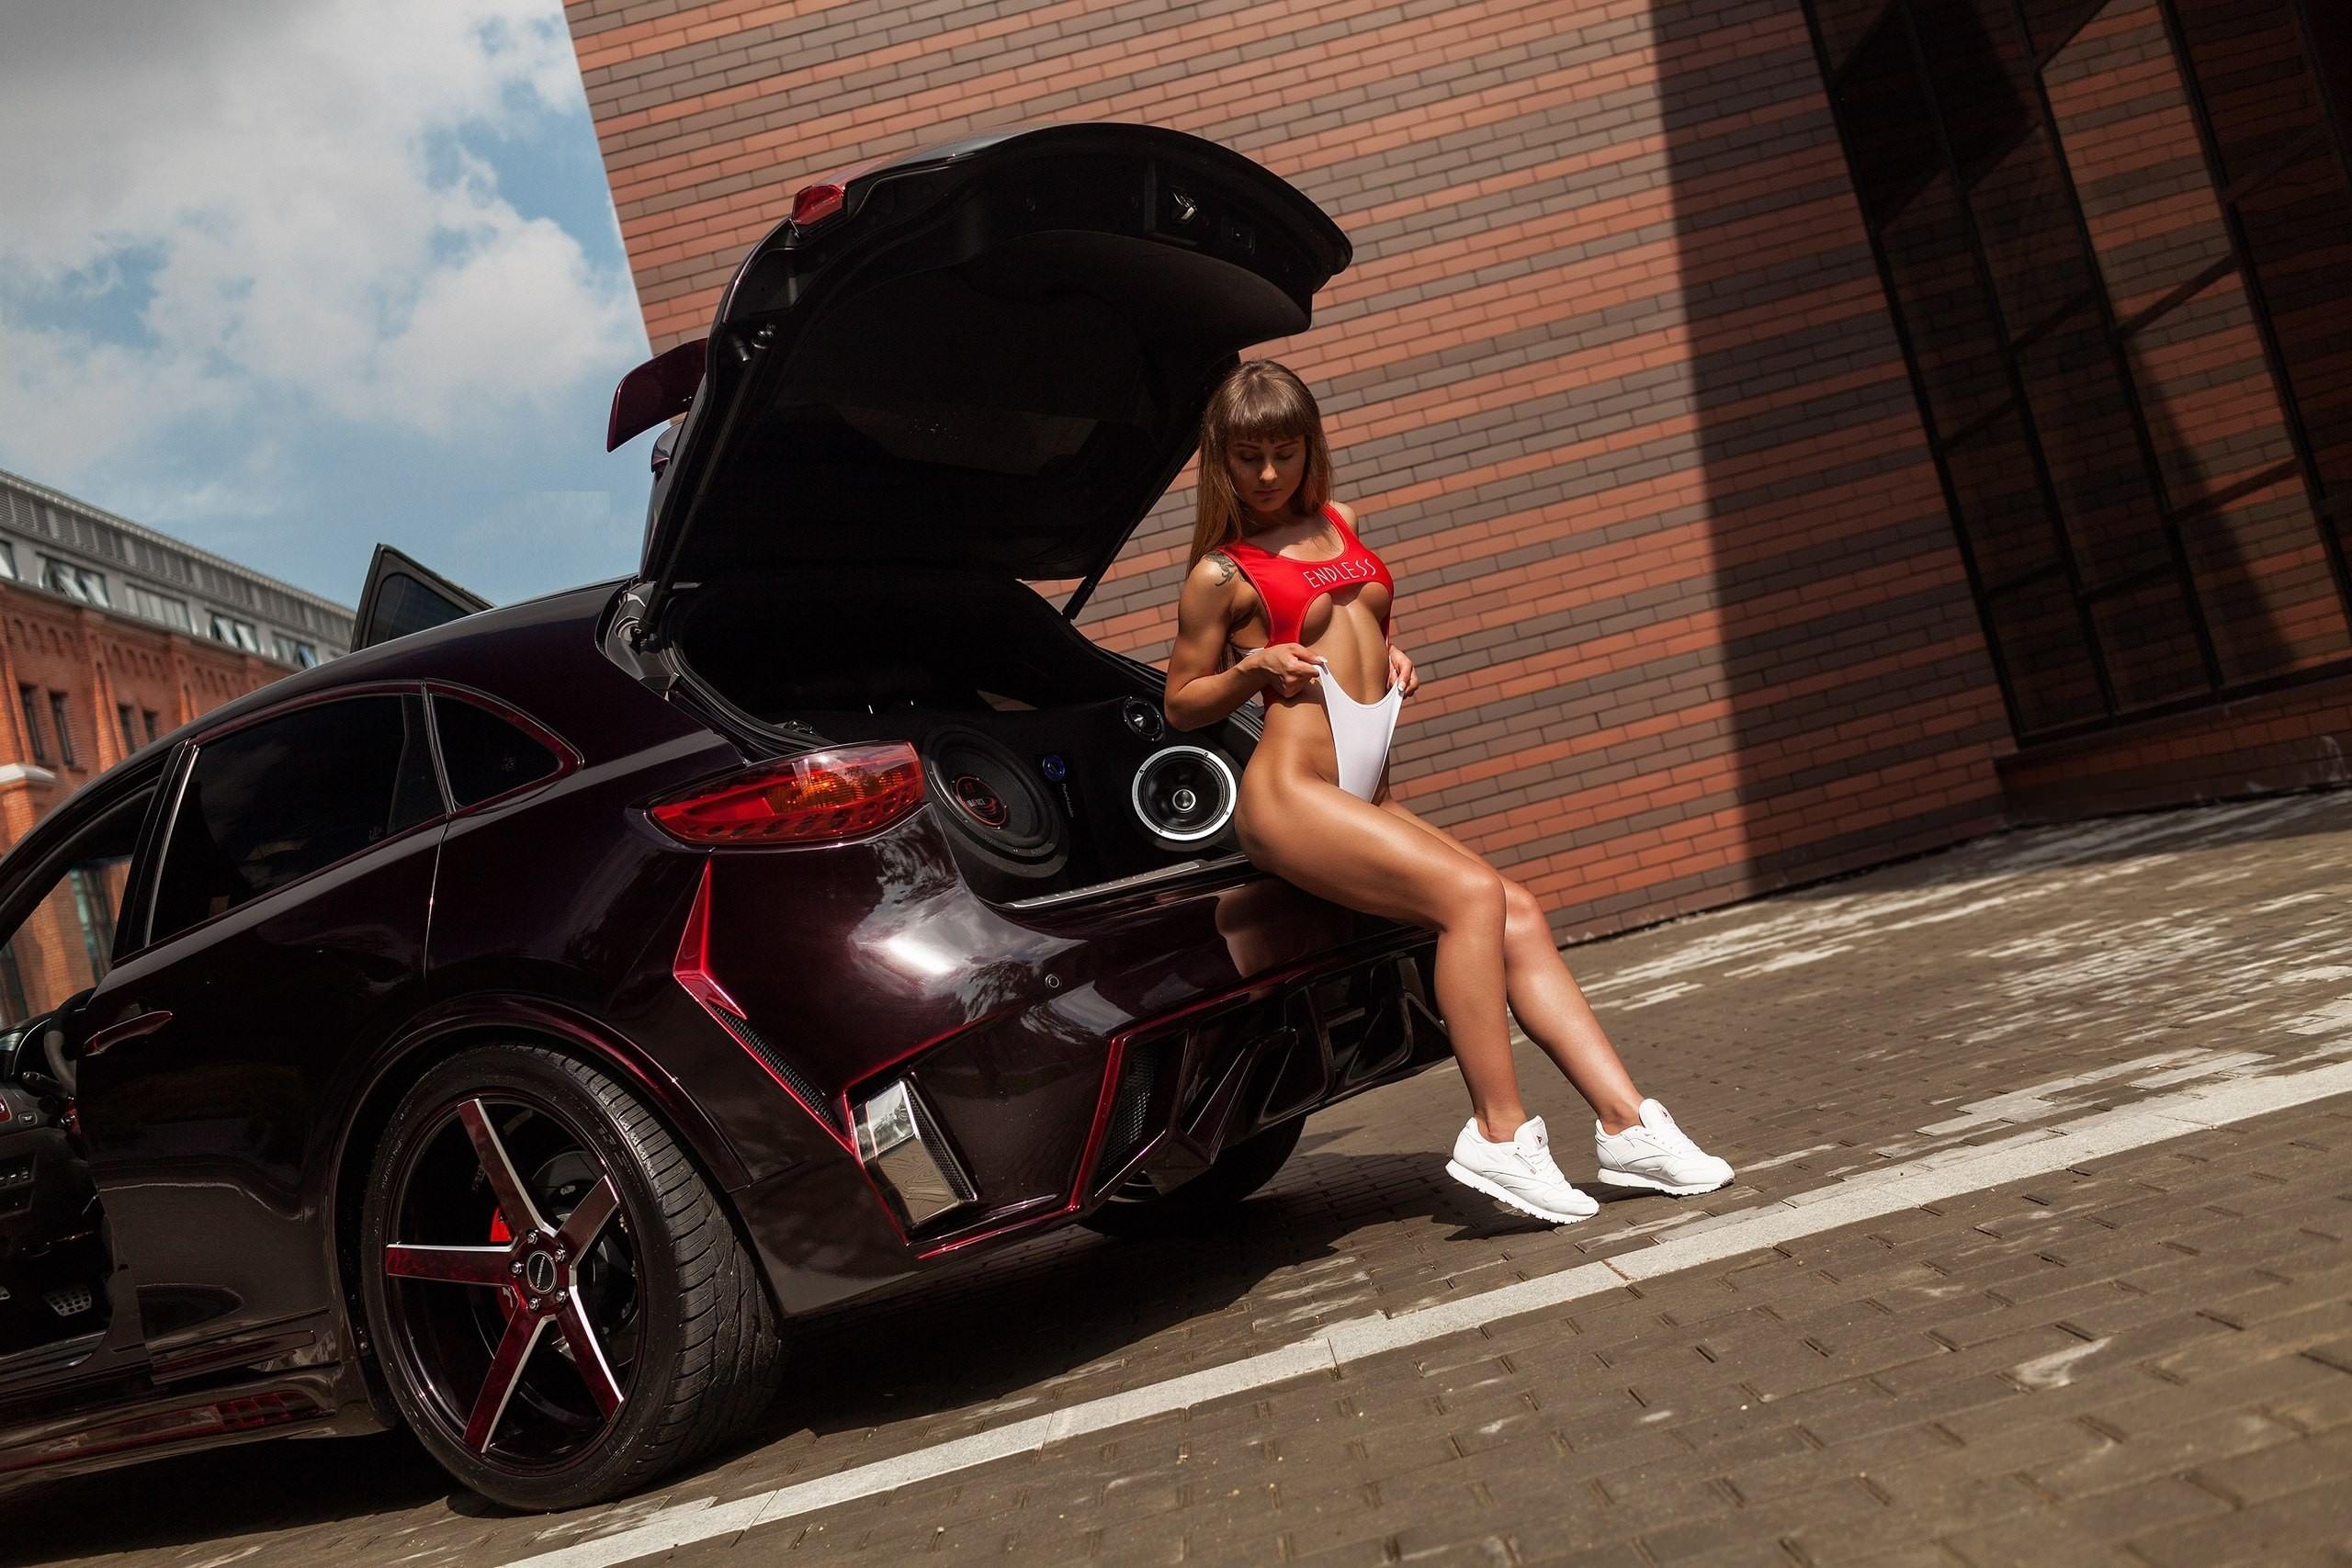 Фото Сексуальная спортивная девушка натянула трусики на себе, белые кеды, авто, тюнинг, багажник, секси, красивые накаченные ножки, красная майка, скачать картинку бесплатно